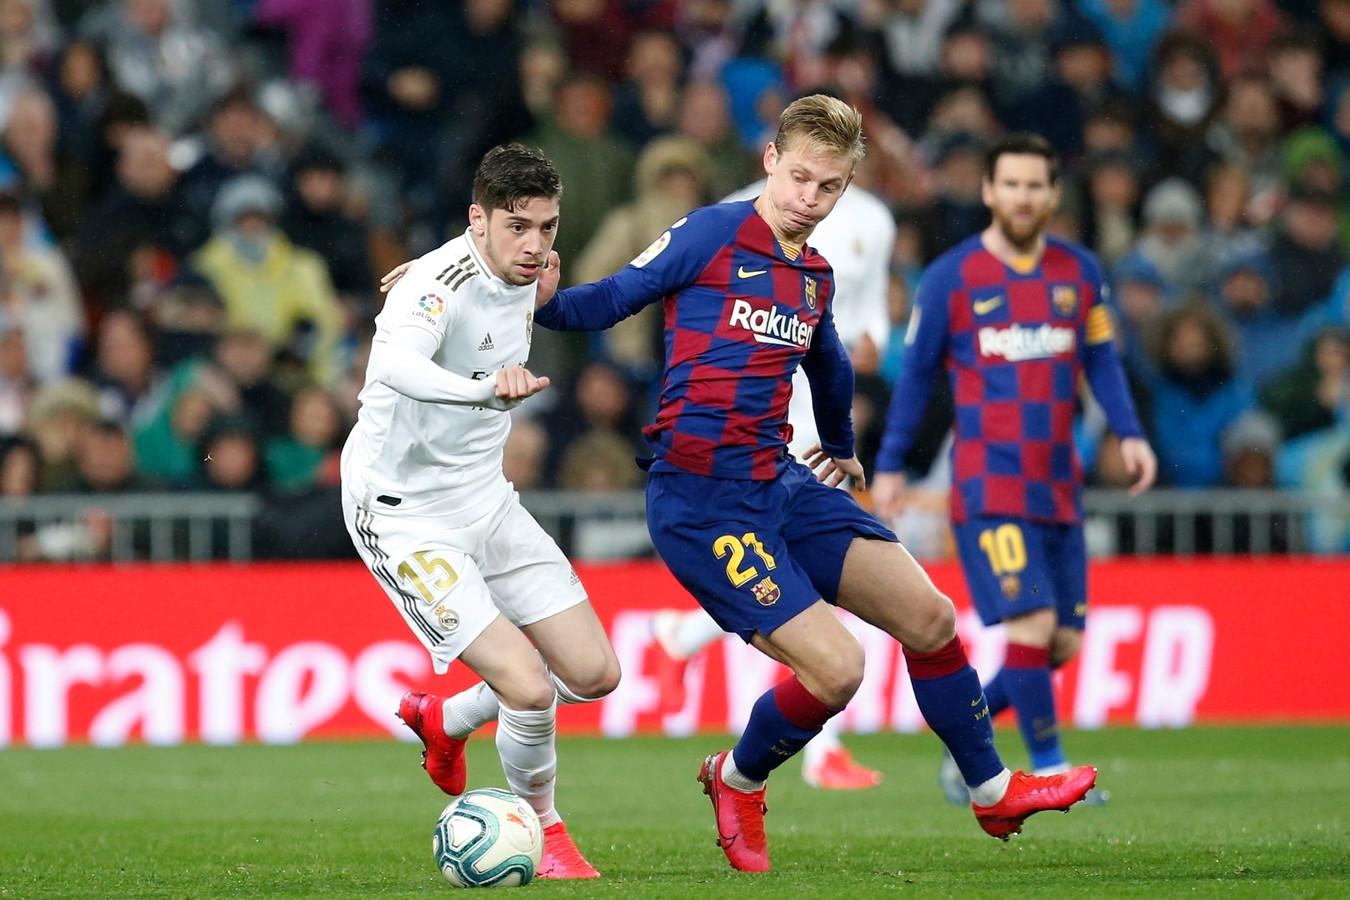 Op basis van het aantal gespeelde wedstrijden bij Barcelona kregen Ajax, Willem II en RKC Waalwijk een deel van de bonus van elf miljoen euro uitgekeerd.